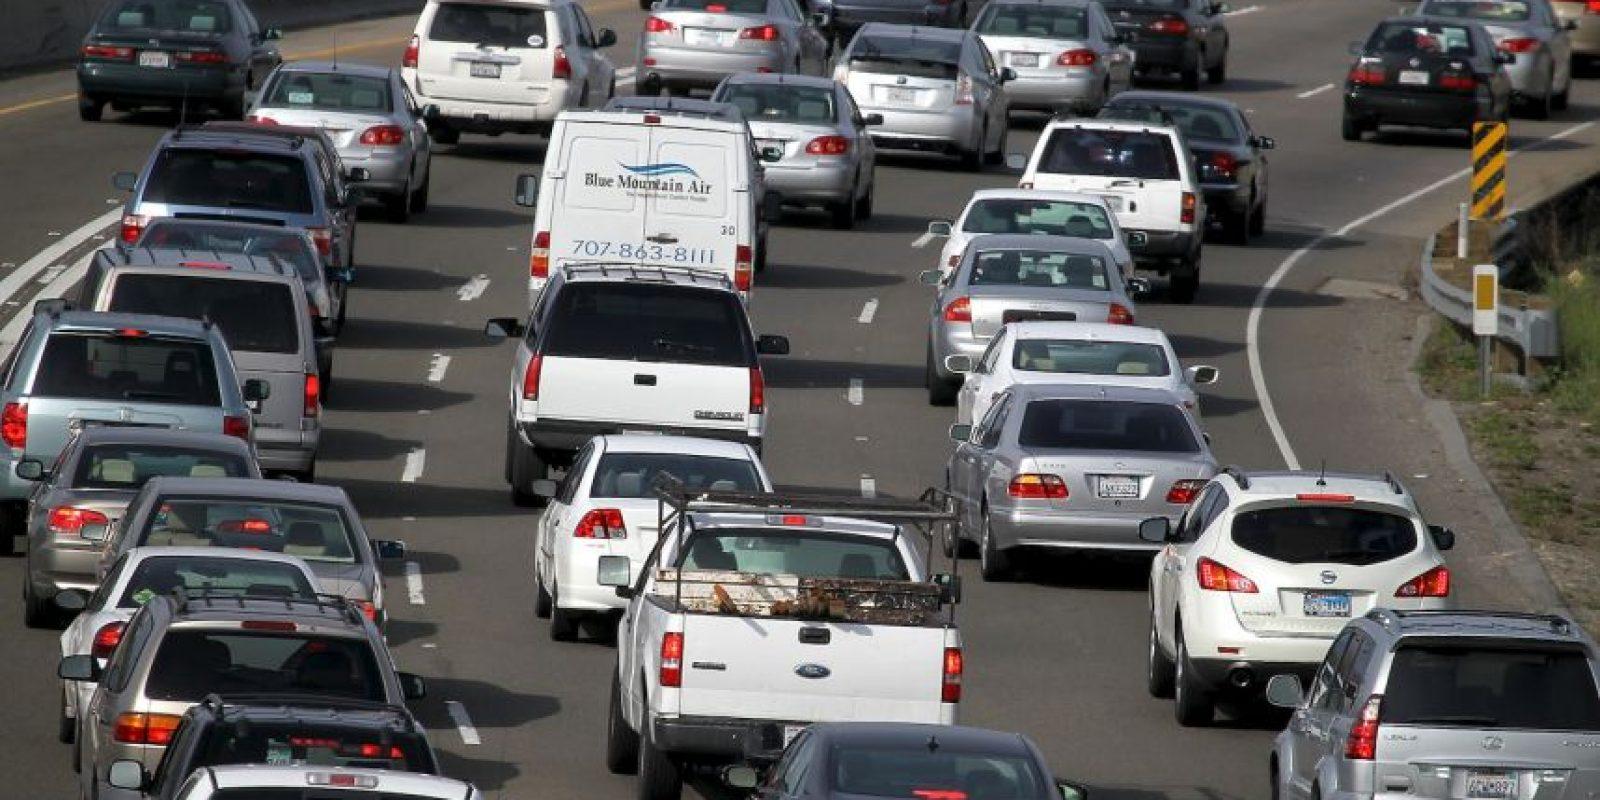 3. Salir con tiempo de sobra: Planificar su hora de salida les ayudará a sortear posibles contratiempos Foto:Getty Images